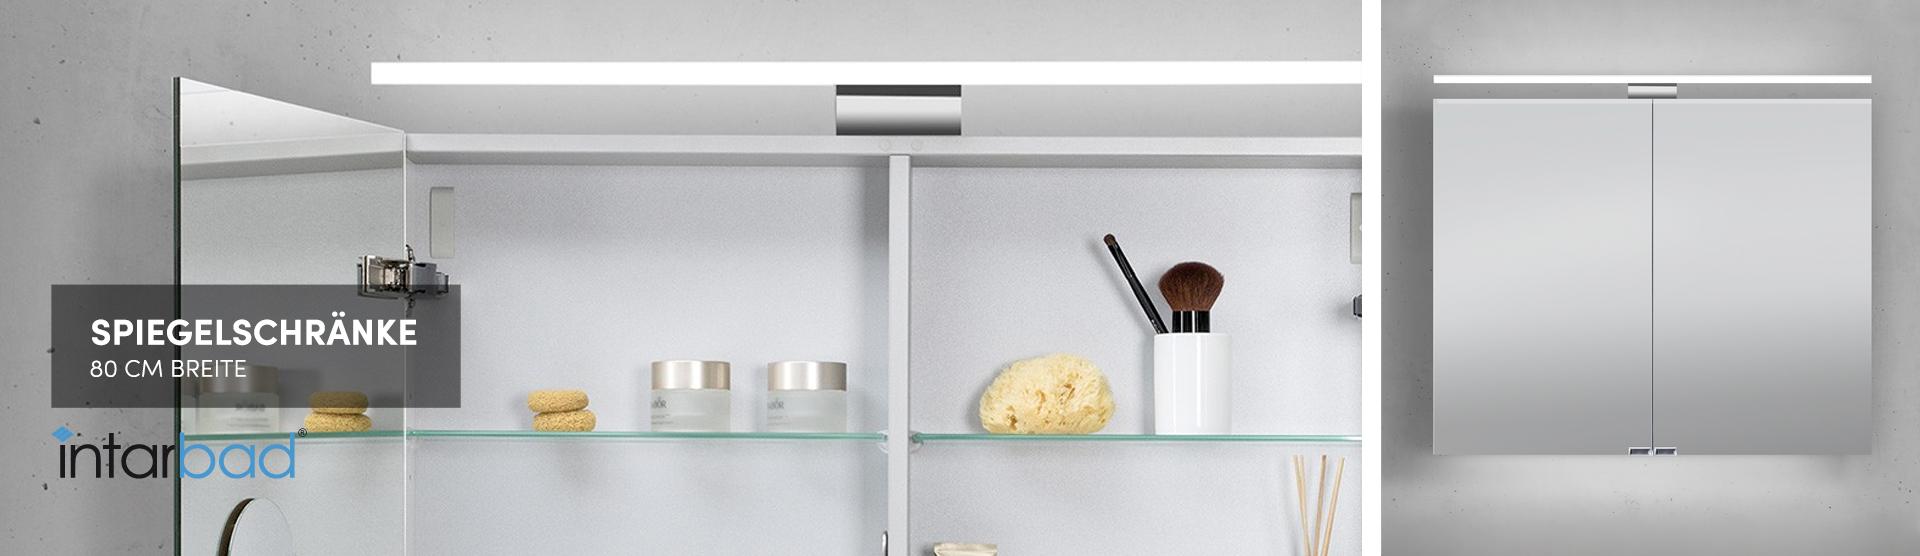 Spiegelschrank 80 Cm Gunstig Kaufen Designbaeder Com